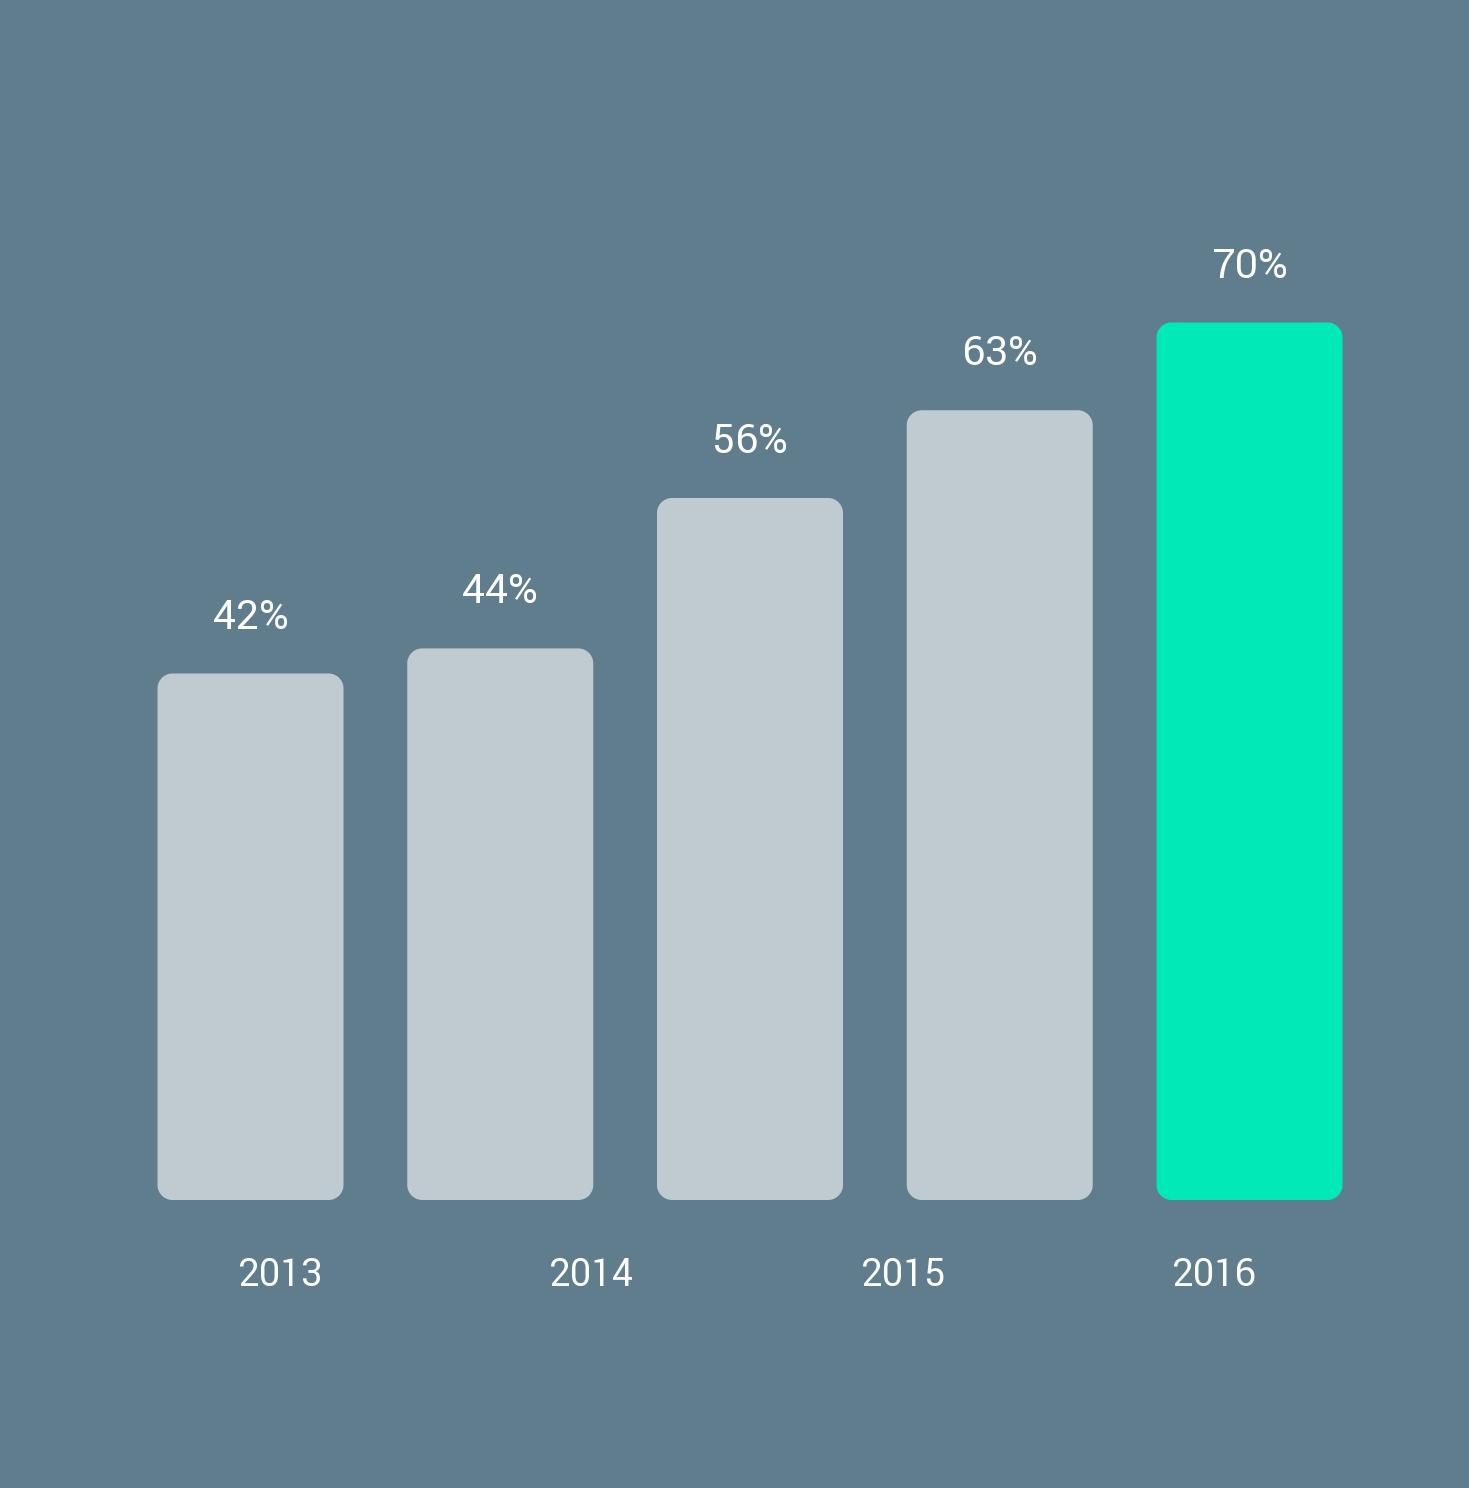 Odstotek ljudi, ki uporablja pametni telefon v Sloveniji